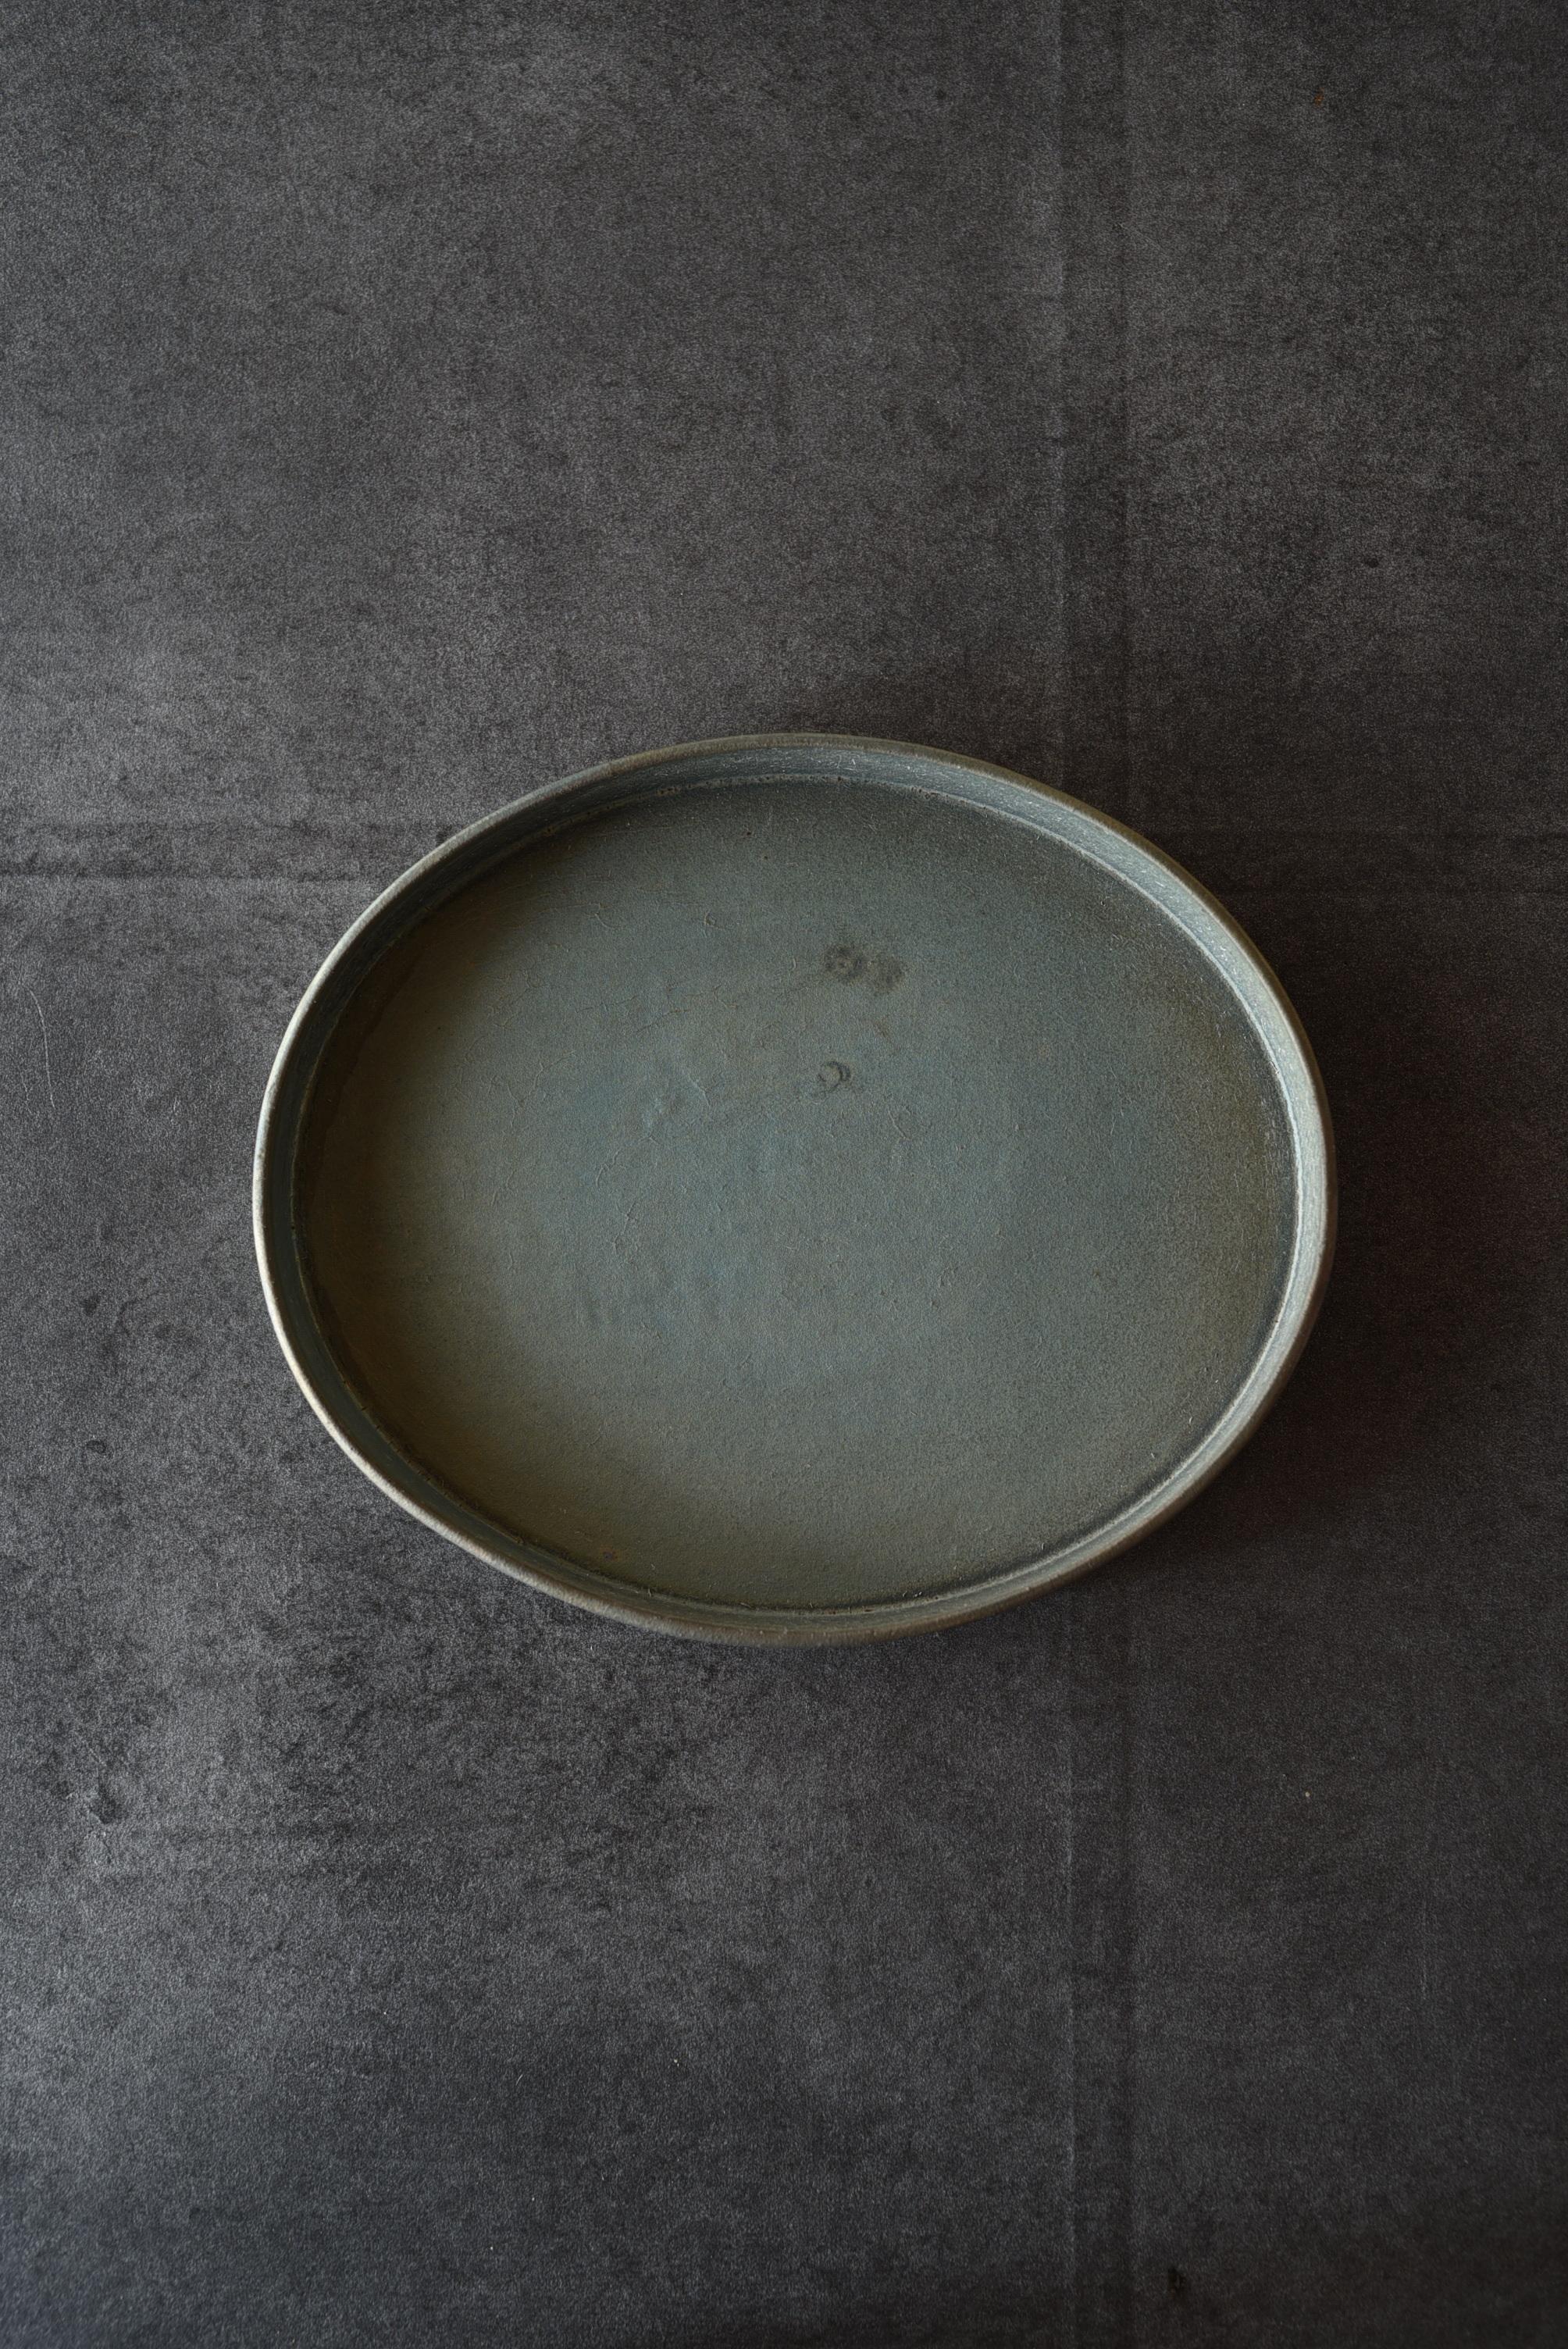 瀬川辰馬 硫化銀彩オーバルプレートB-s7